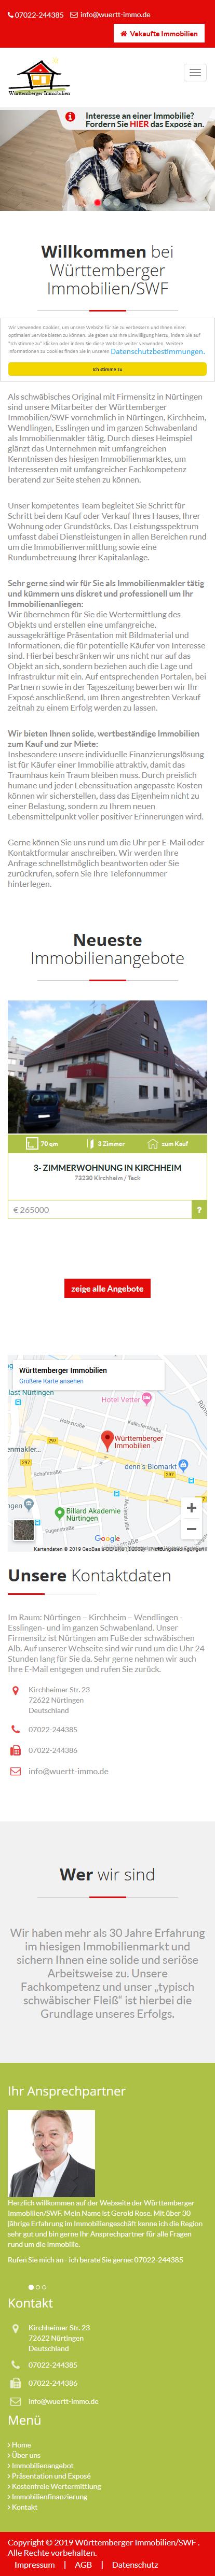 Webdesign für Immobilienmakler Responsive